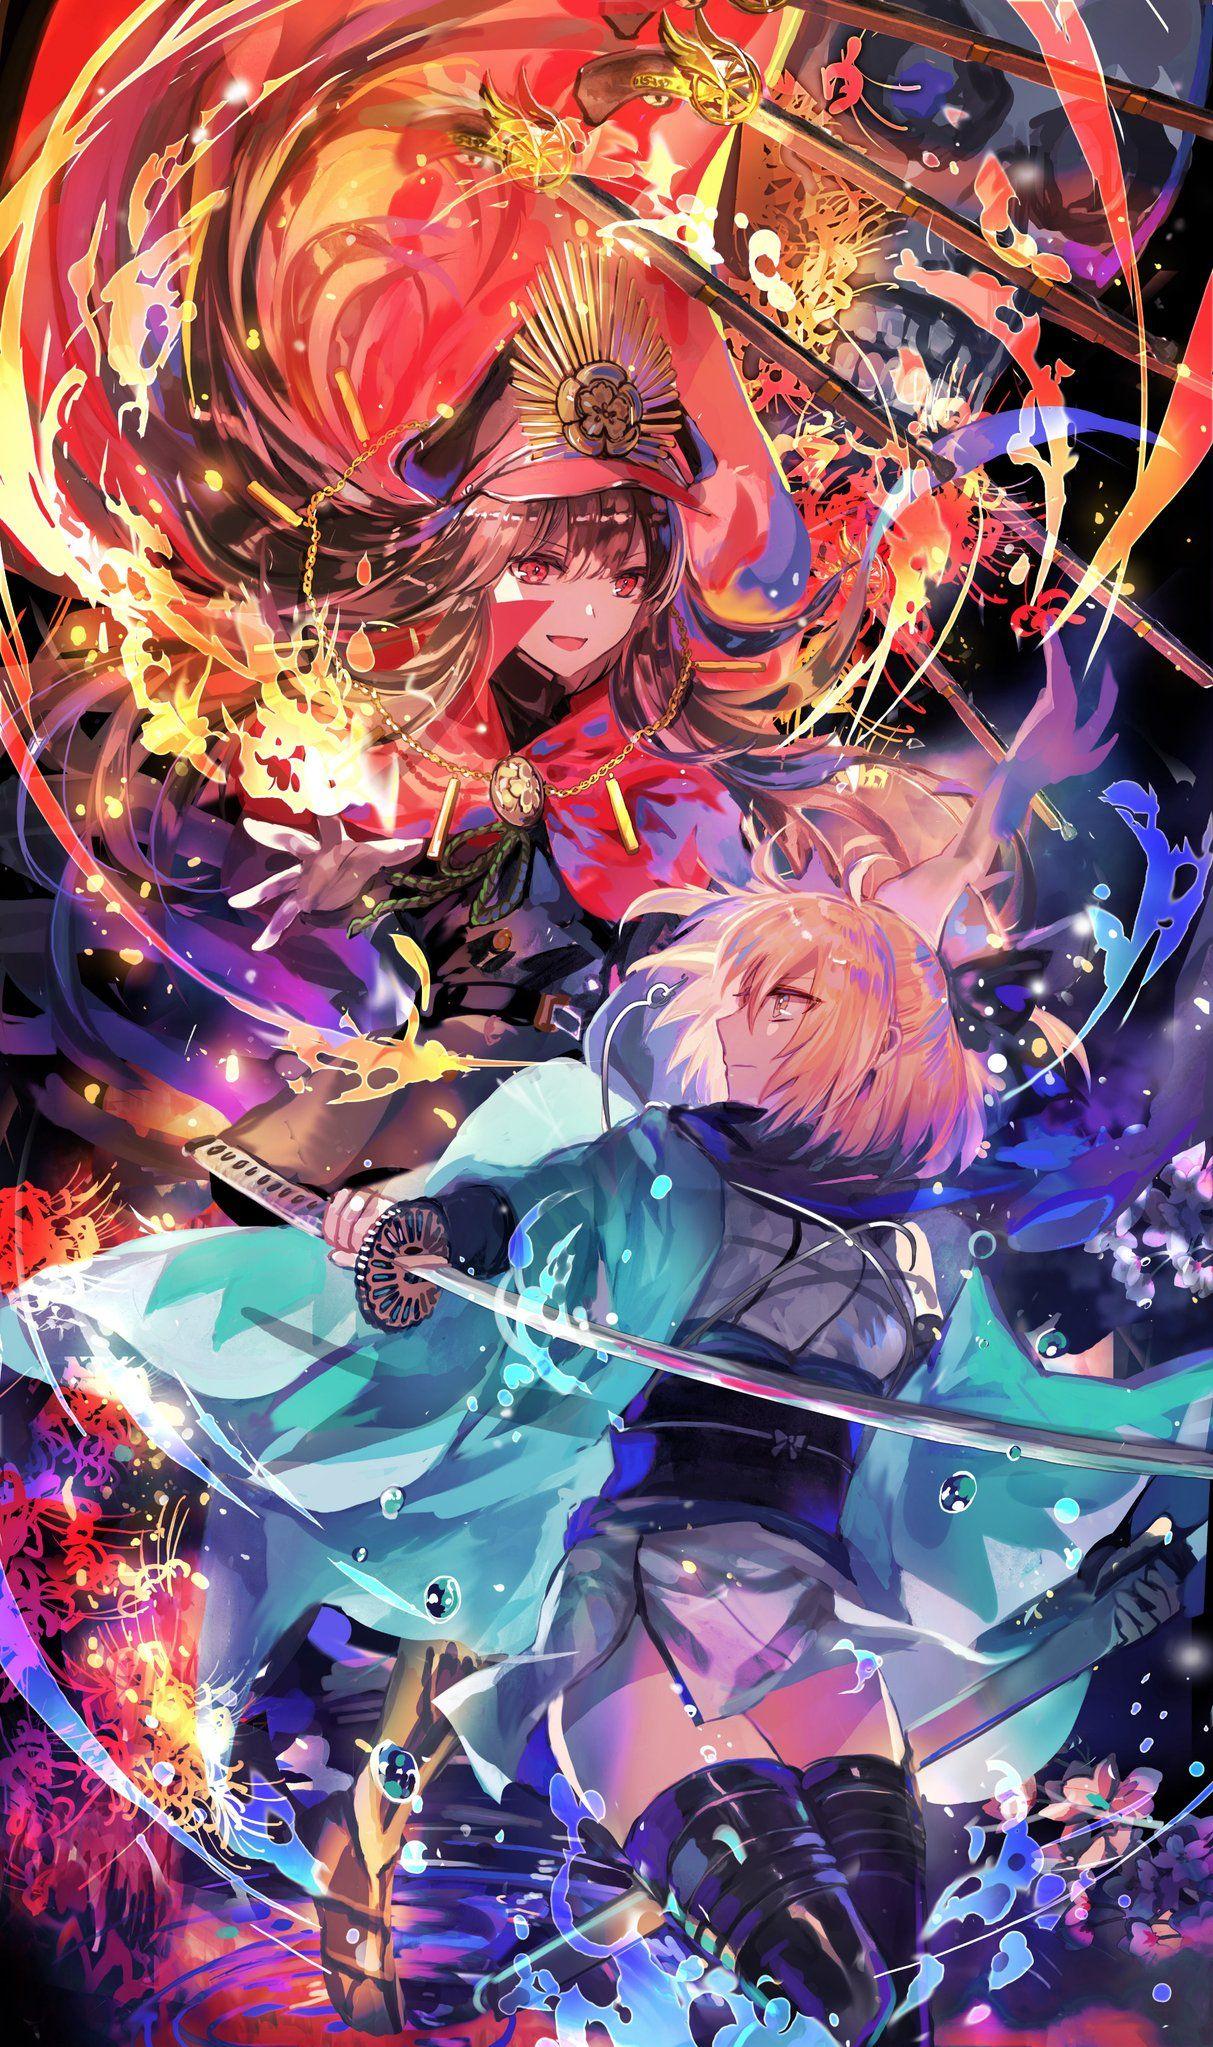 Ghim của Melody trên Beautiful Anime Art Anime, Hình ảnh